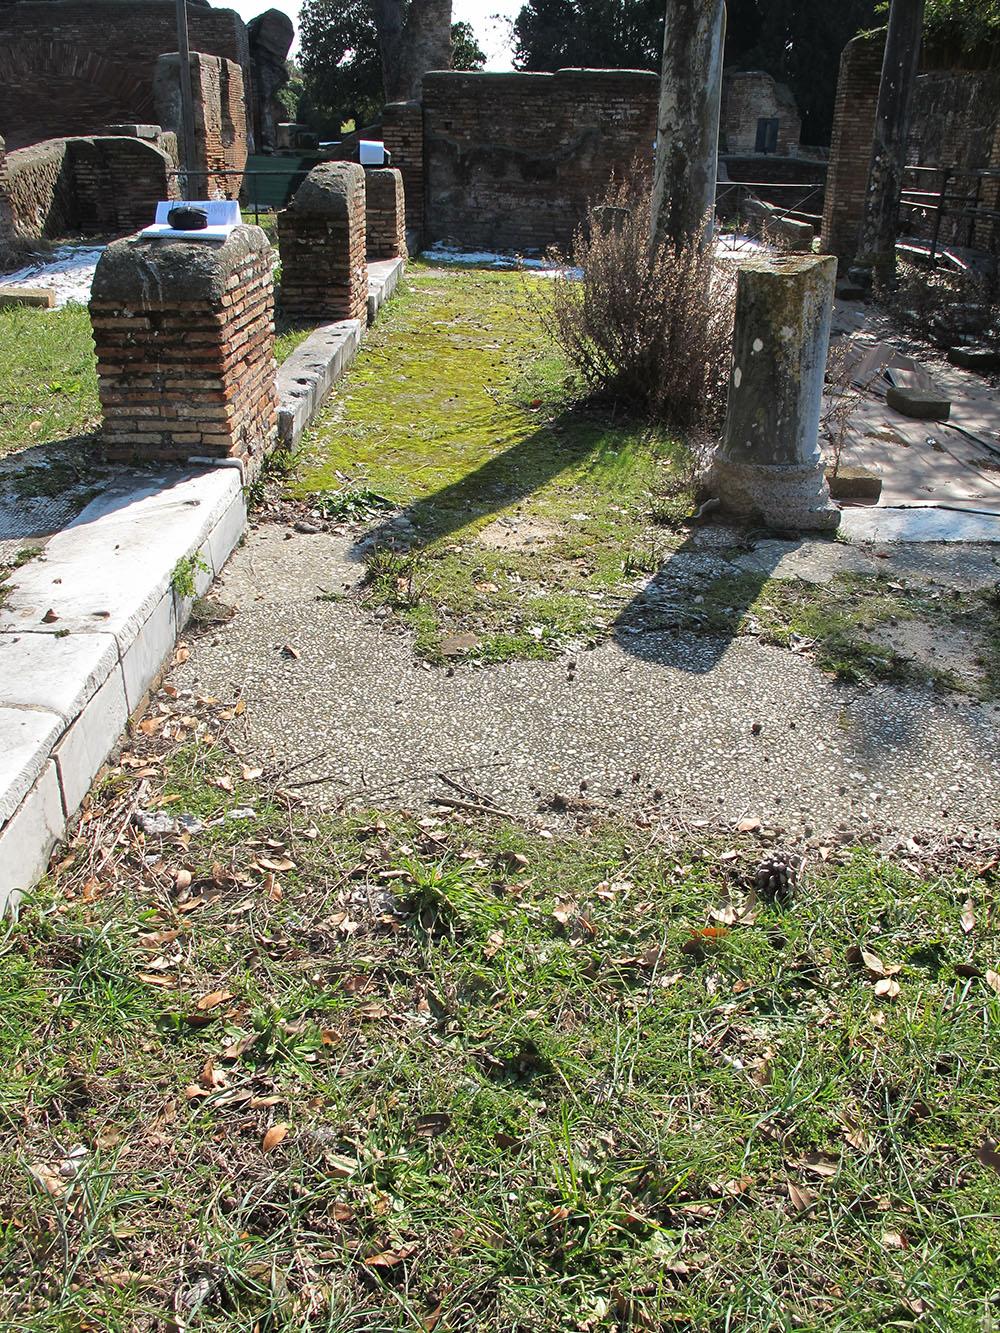 02 dettagli del manto erboso  aderente ai mosaici pavimentali